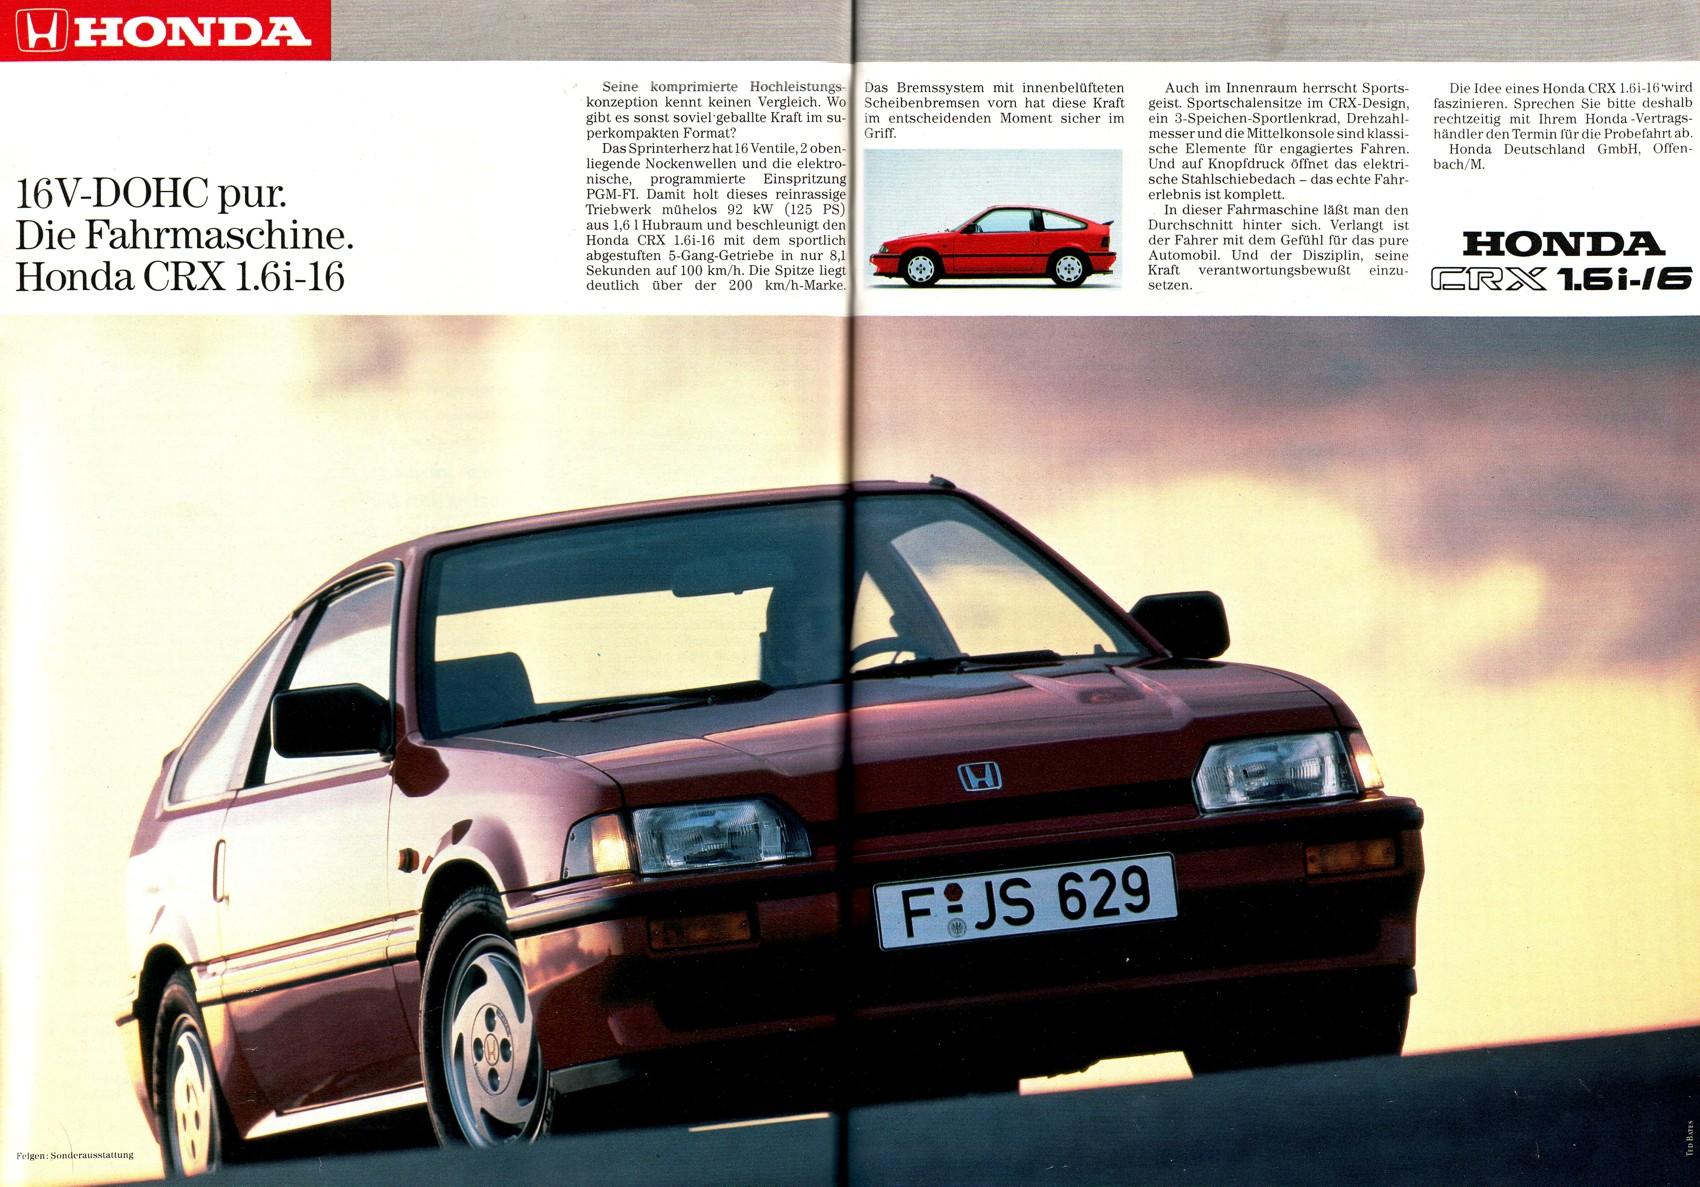 1986-Honda-CRX-1.6i-16-PB.jpg